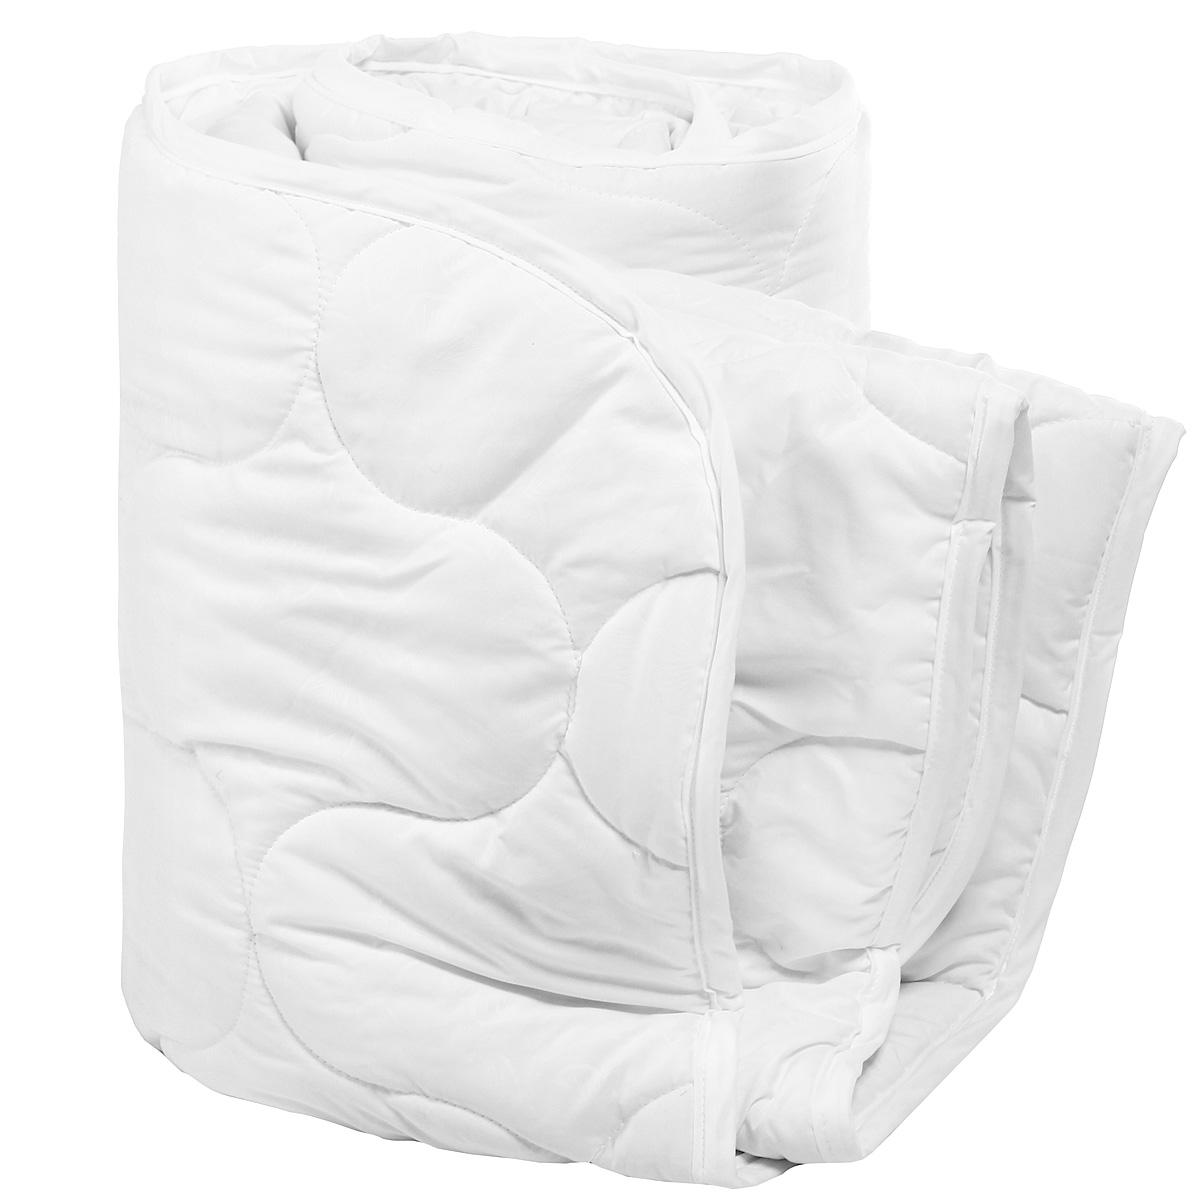 """При изготовлении одеяла Verossa """"Green Line"""" применяется ткань нового поколения из микрофиламентных нитей Ultratex. Одеяло не требует специального ухода, быстро сохнет после стирки и практически не мнется.  Наполнитель из натуральных бамбуковых волокон. Пористая структура бамбукового волокна обеспечивает отличные условия для циркуляции воздуха и впитывания влаги.    Преимущества одеяла Verossa """"Green Line"""":   идеальный комфортный сон;   антибактериальная защита;   оптимальная терморегуляция. Характеристики:  Материал чехла: 100% полиэстер (Ultratex). Наполнитель: 50 % бамбуковое волокно, 50% полиэстер. Цвет: белый. Масса наполнителя: 300 г/м2. Размер одеяла: 200 см х 220 см. Размер упаковки:  58 см х 25 см х 43 см. Артикул: 165991."""